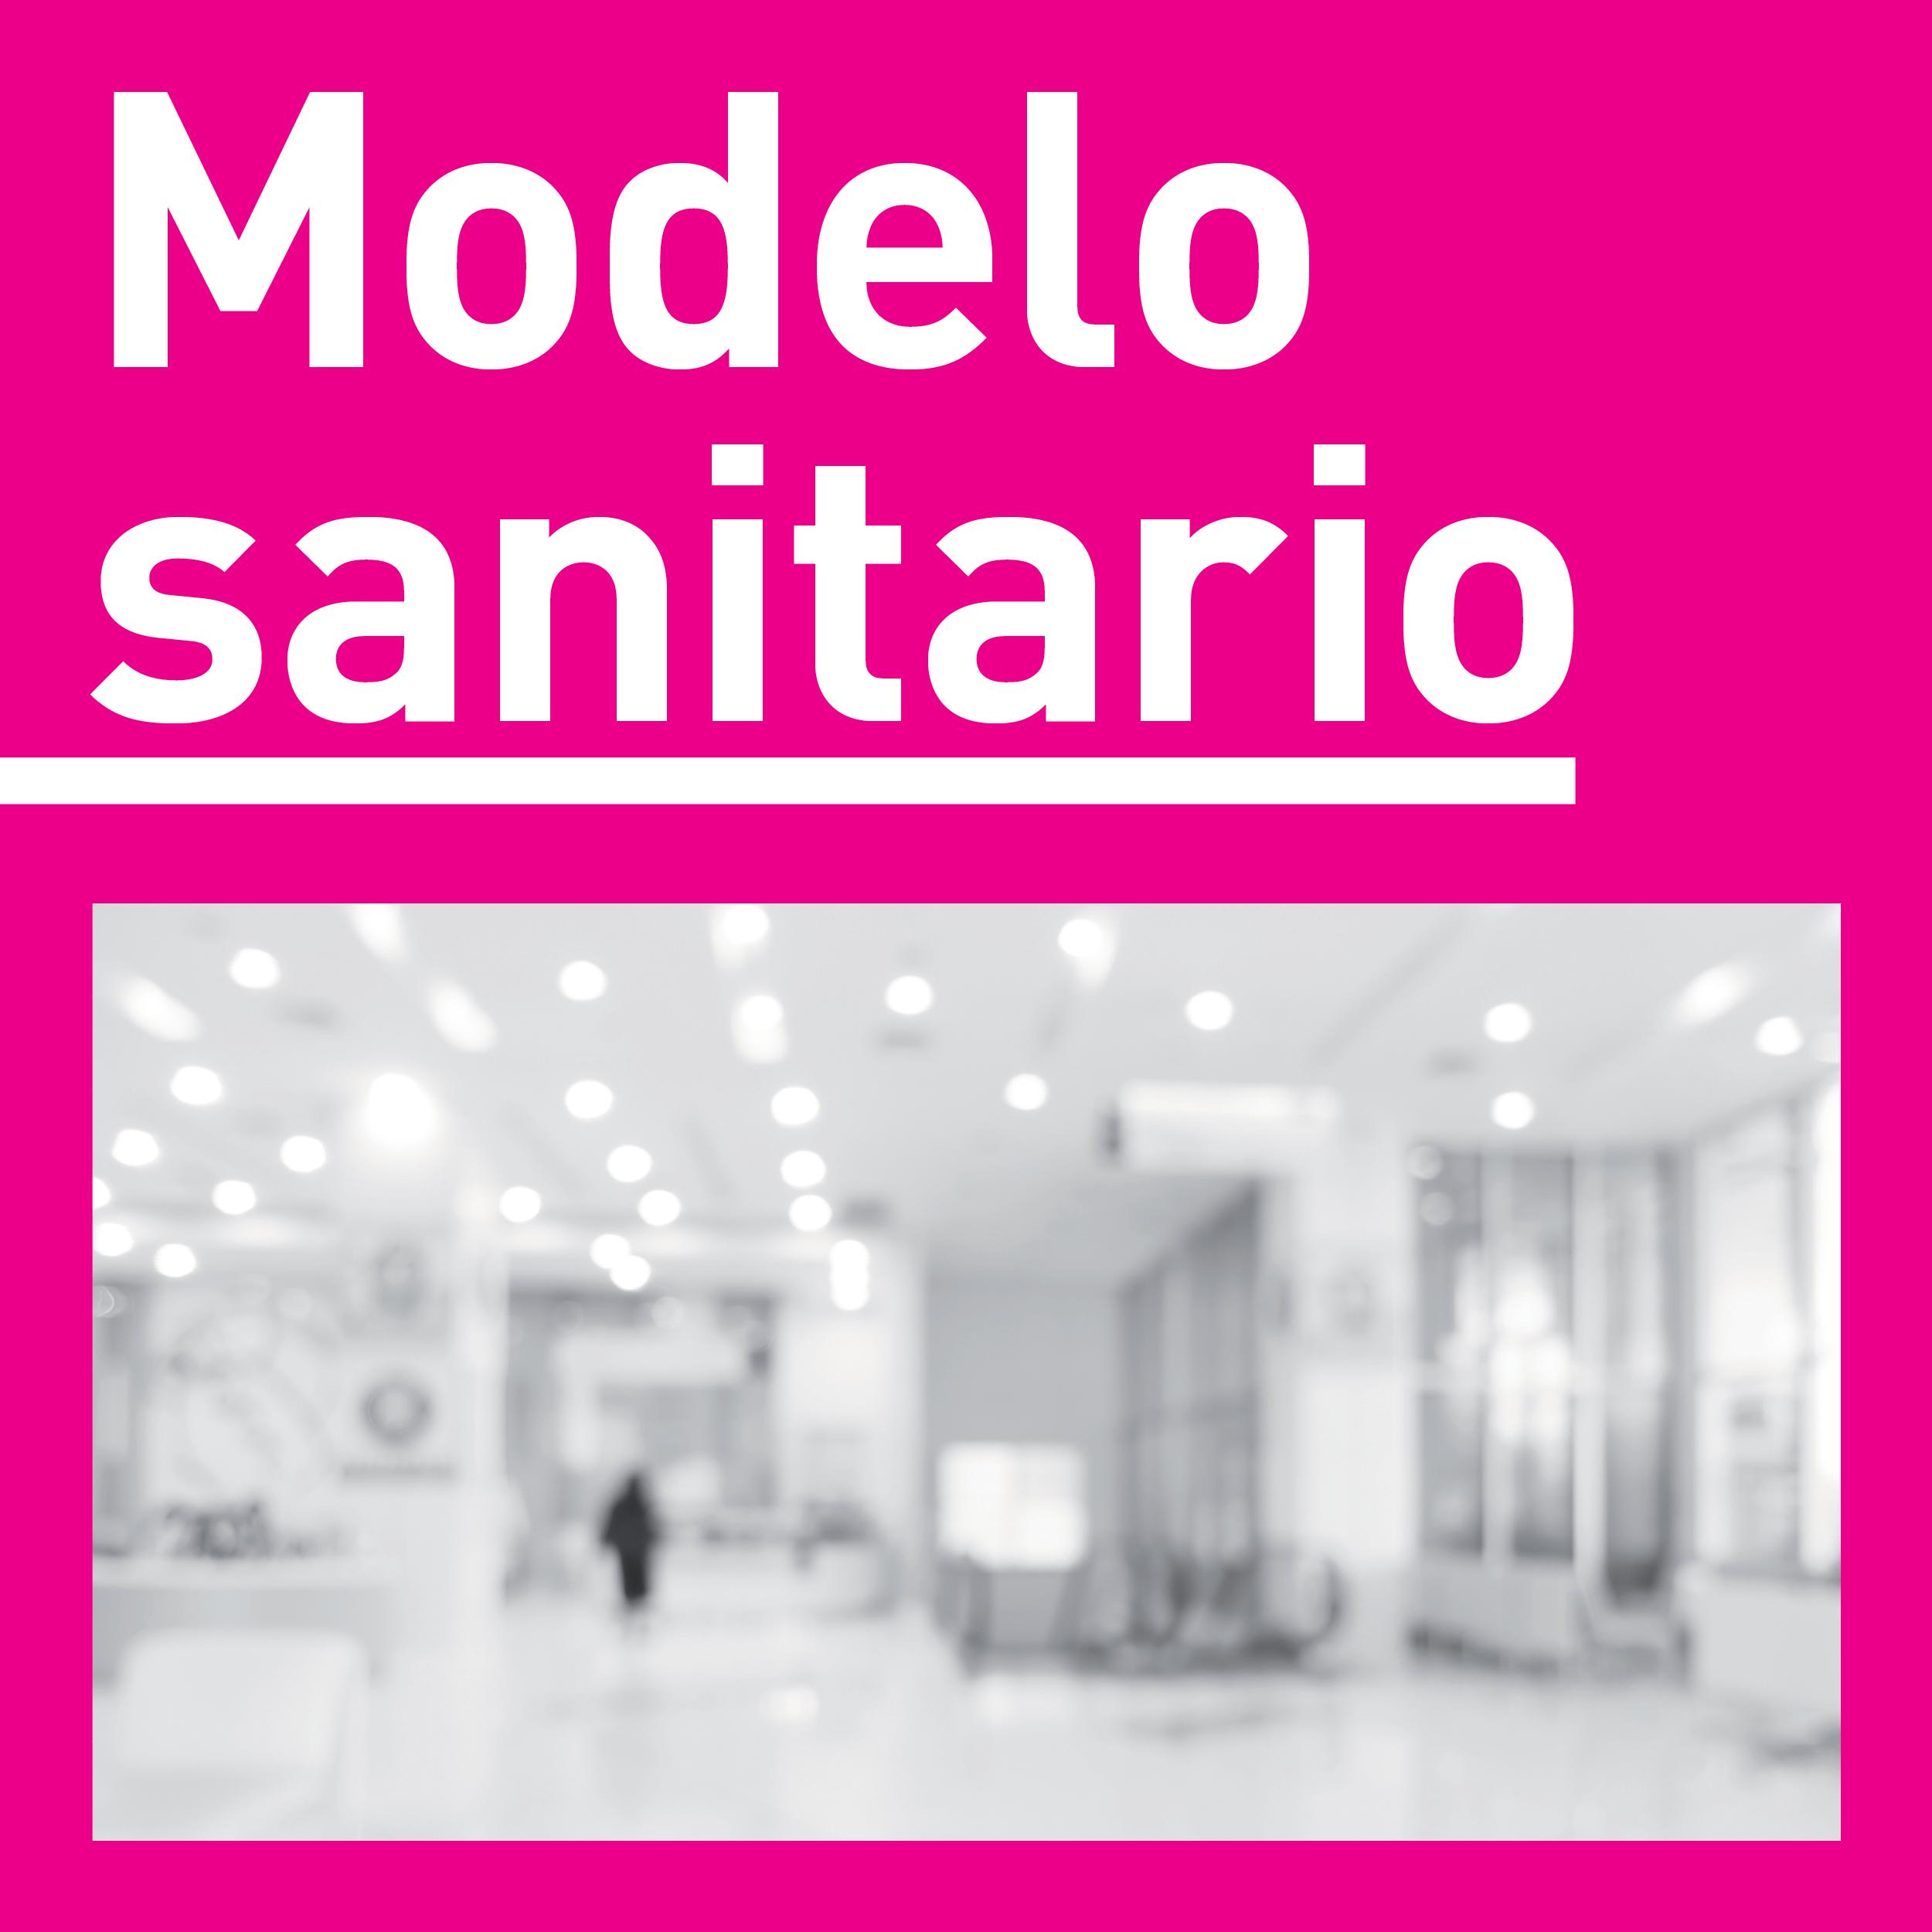 Modelo sanitario